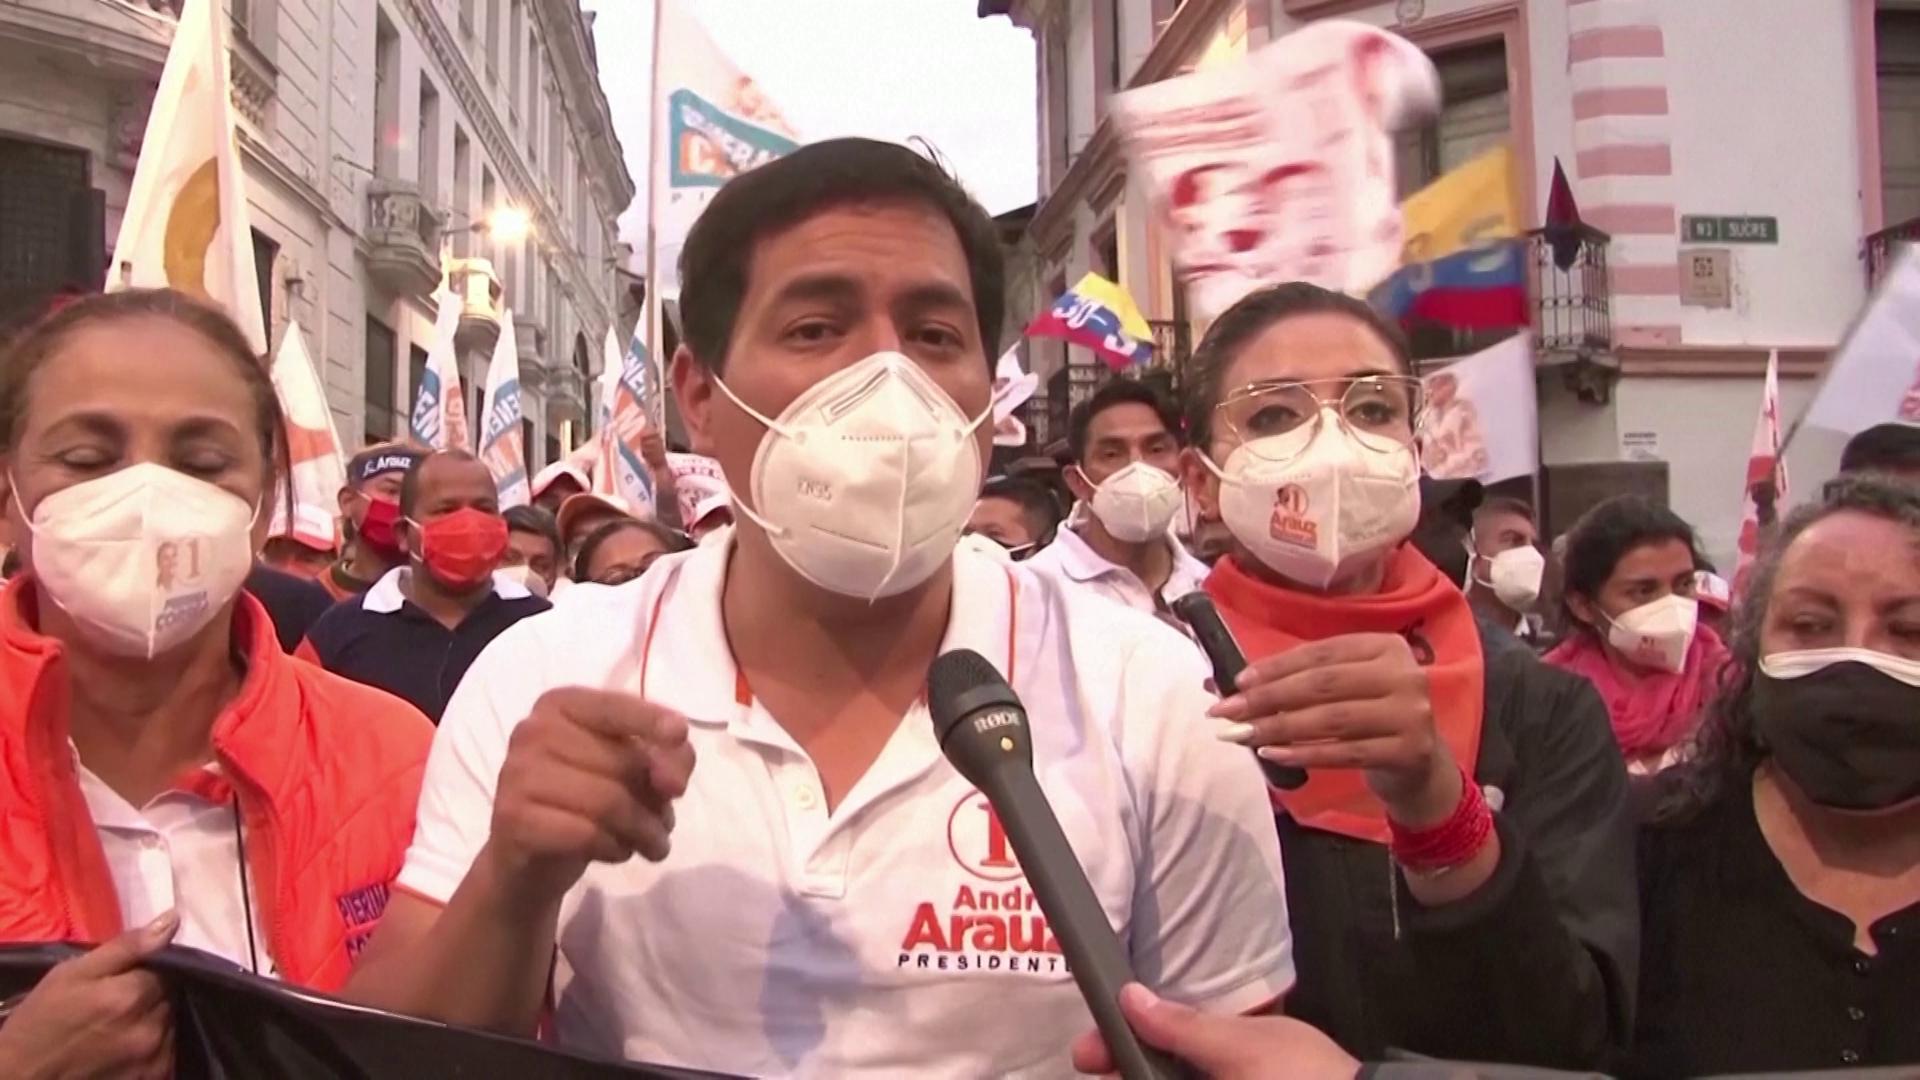 Andrés Arauz, apoiado por Rafael Correa, lidera as pesquisas no Equador